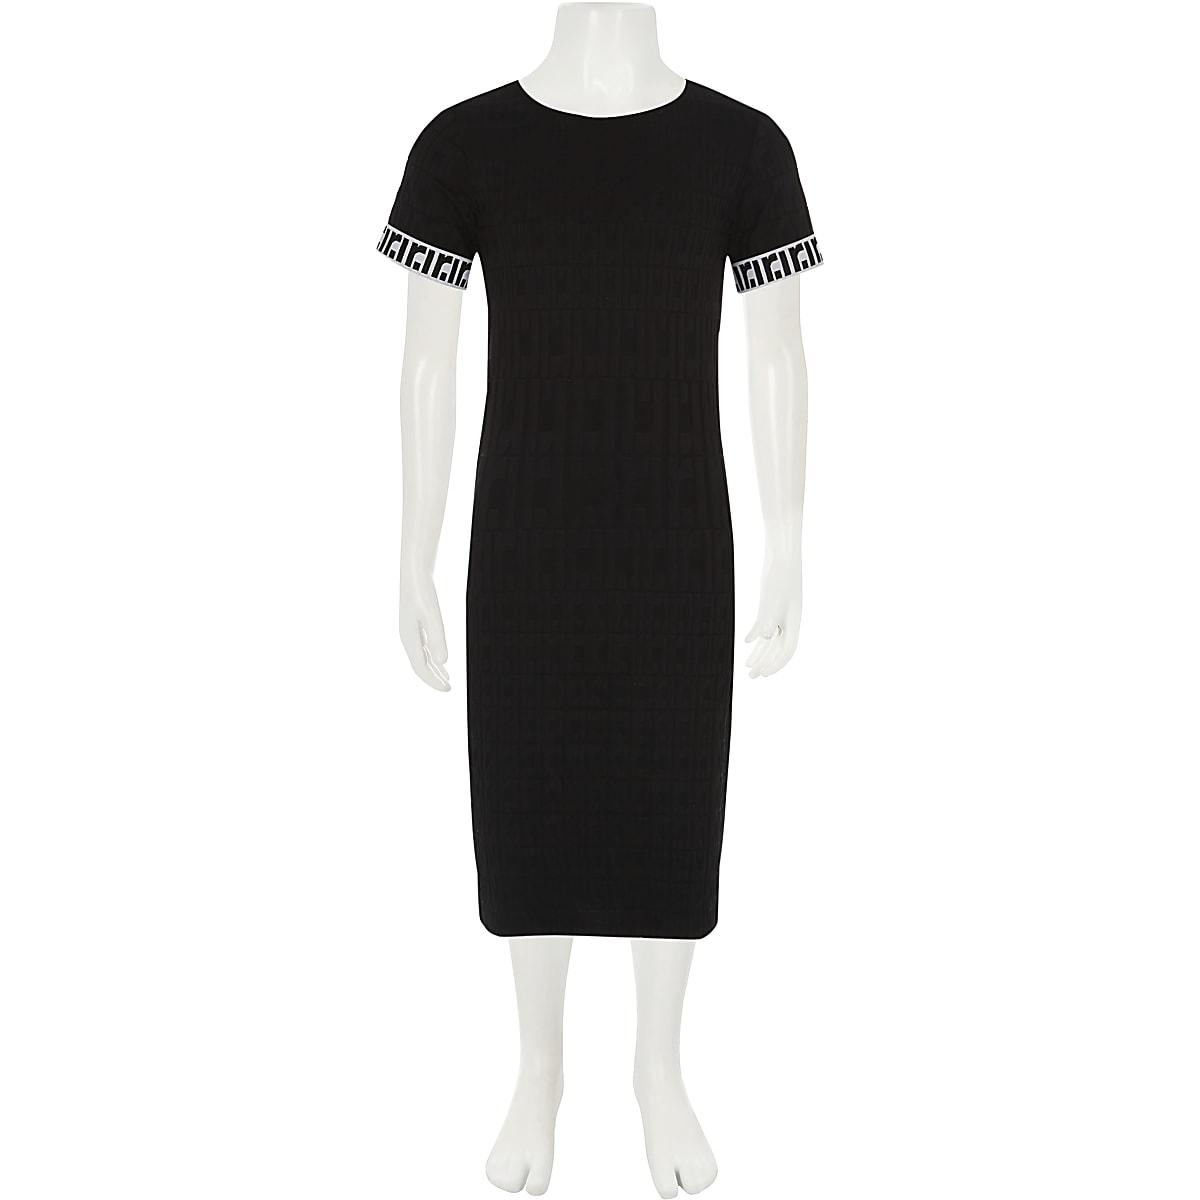 20e195be76855c Zwarte jurk met RI-monogram voor meisjes - Casual jurken - Jurken ...